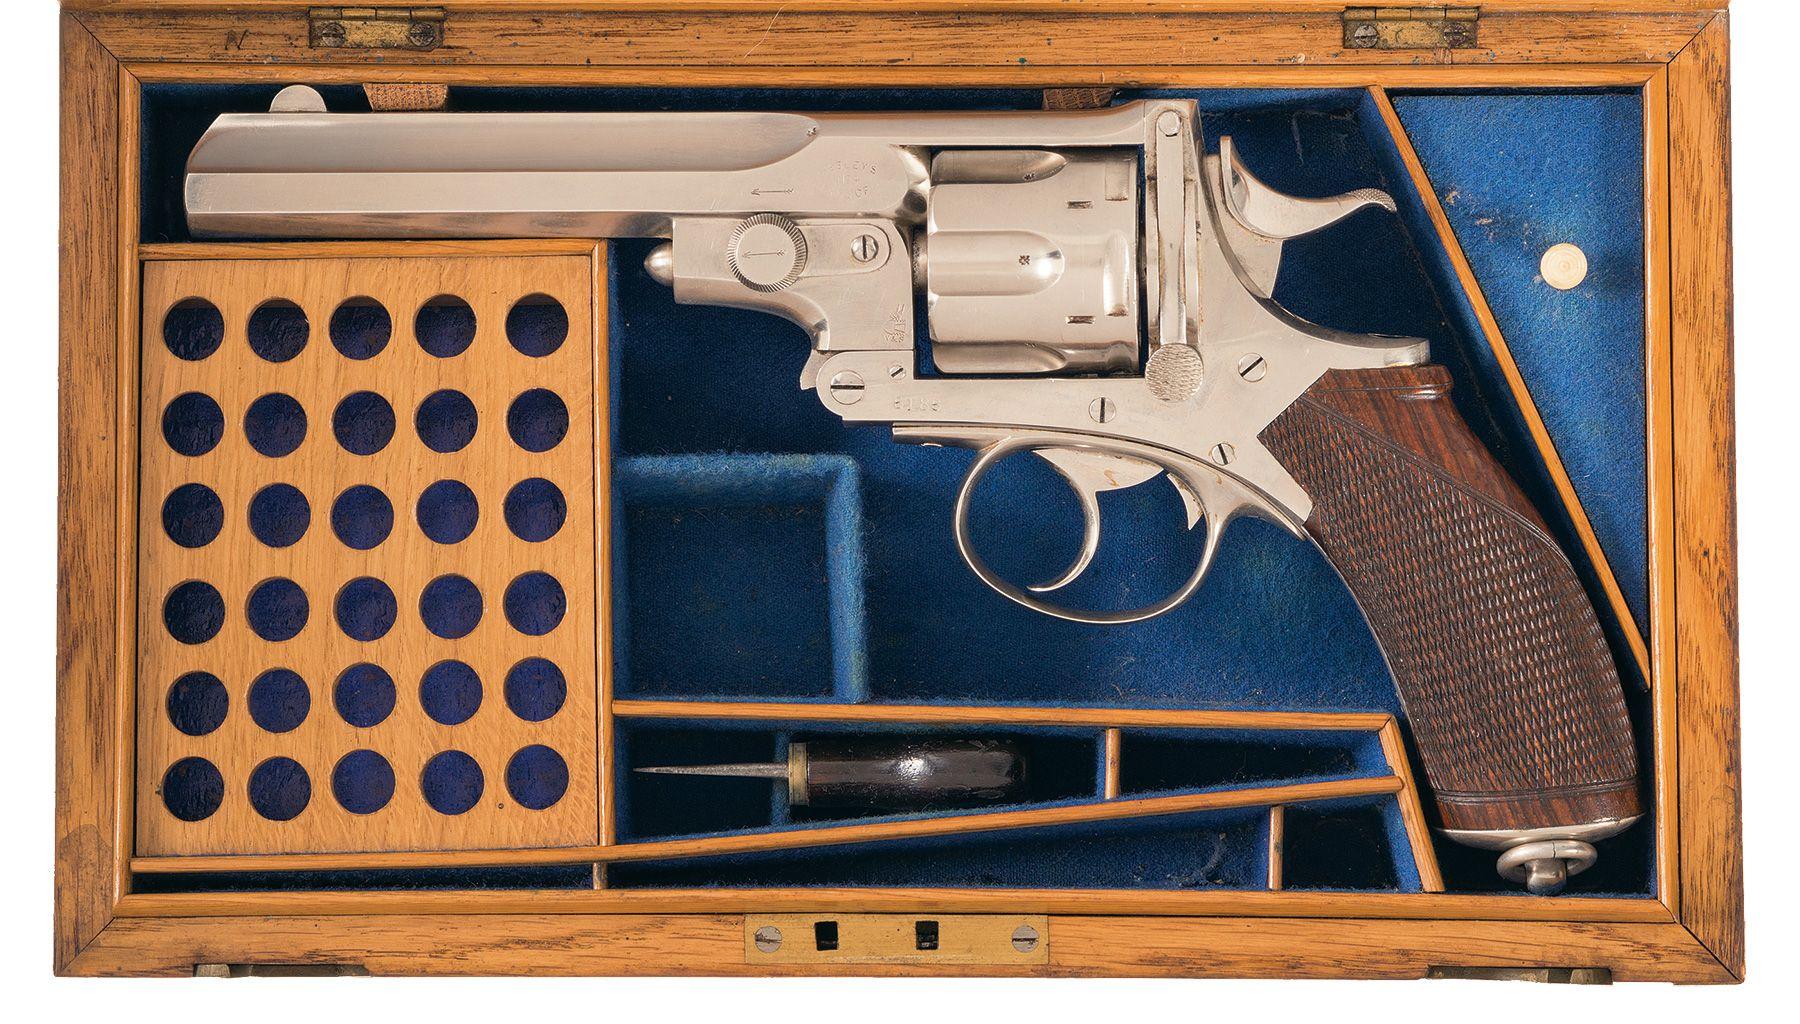 Webley-Pryse No. 4 revolver